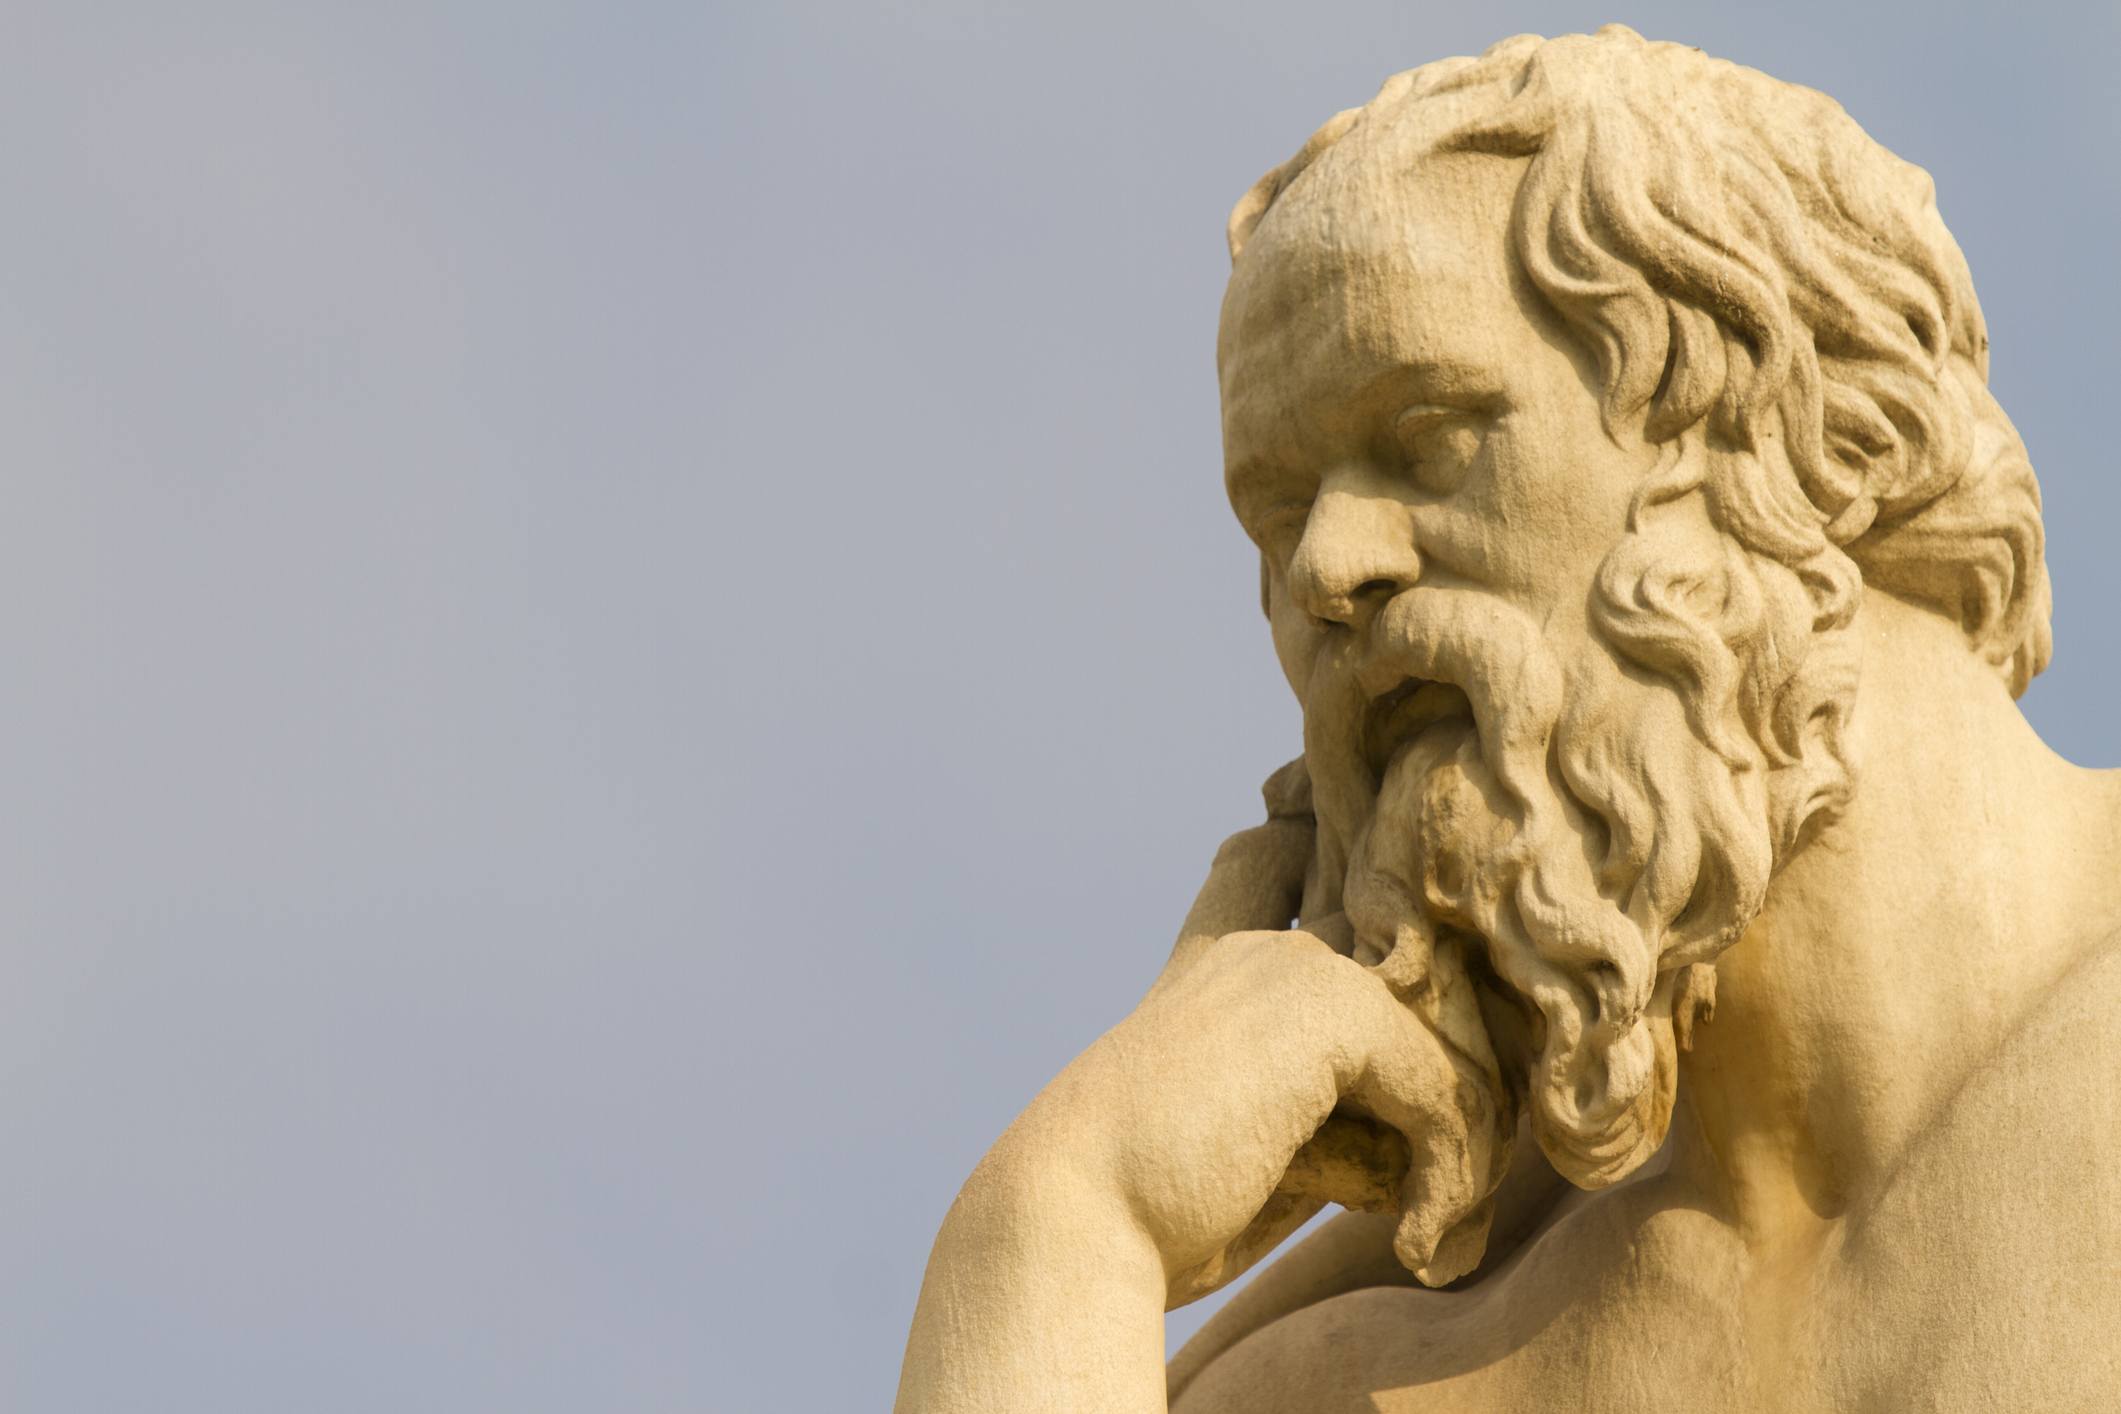 أقوال سقراط عن العقل